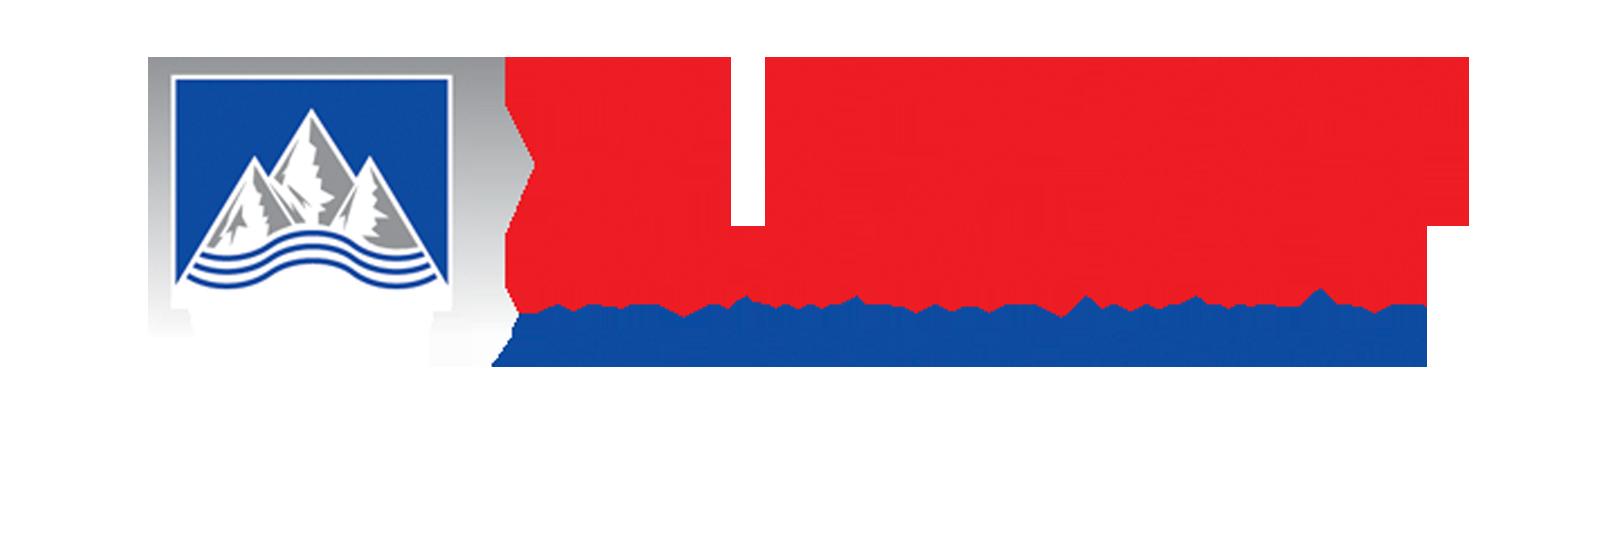 zizin_1